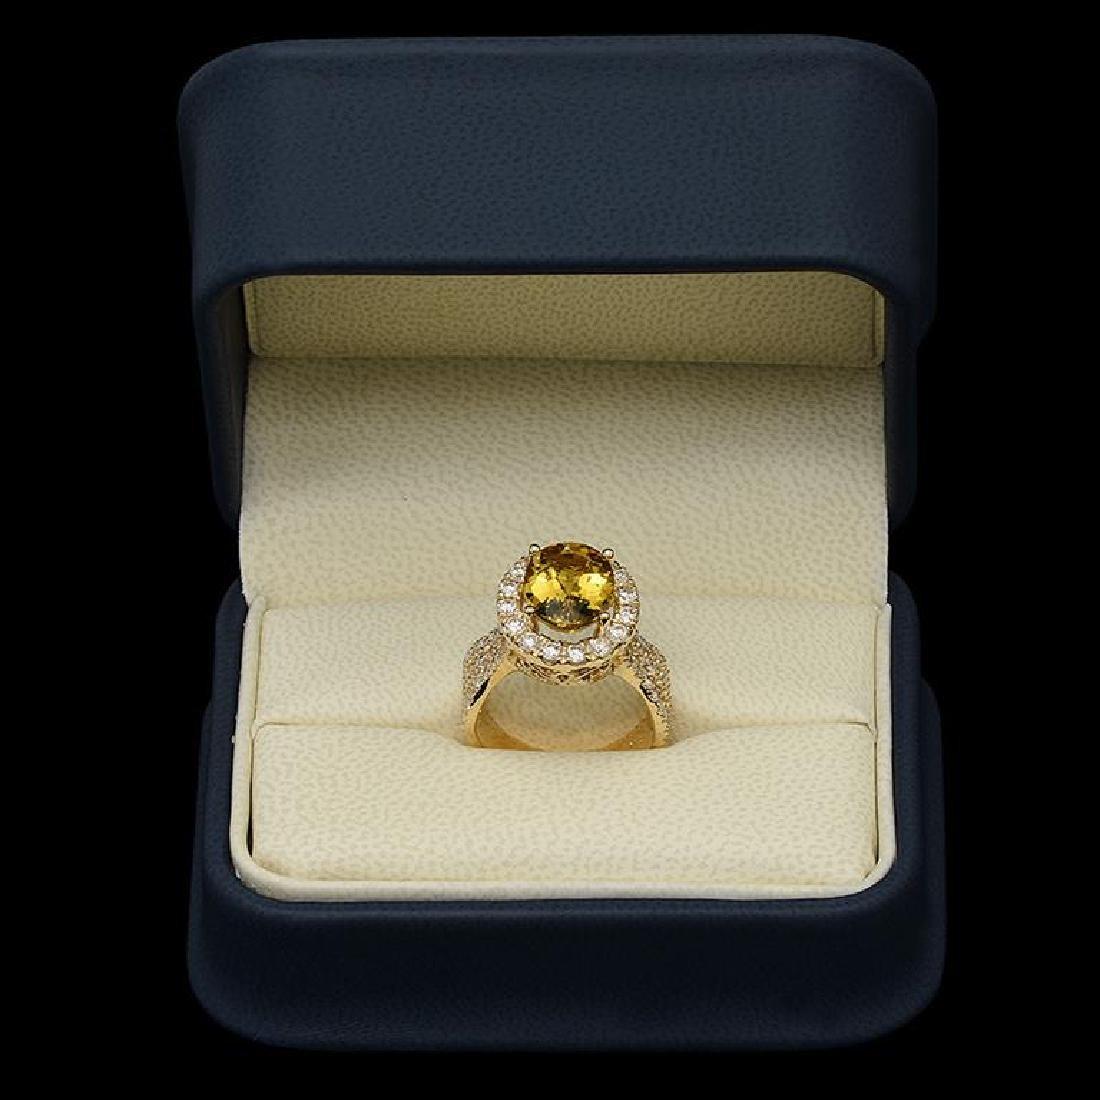 14K Gold 3.61ct Yellow Beryl & 1.54ct Diamond Ring - 3